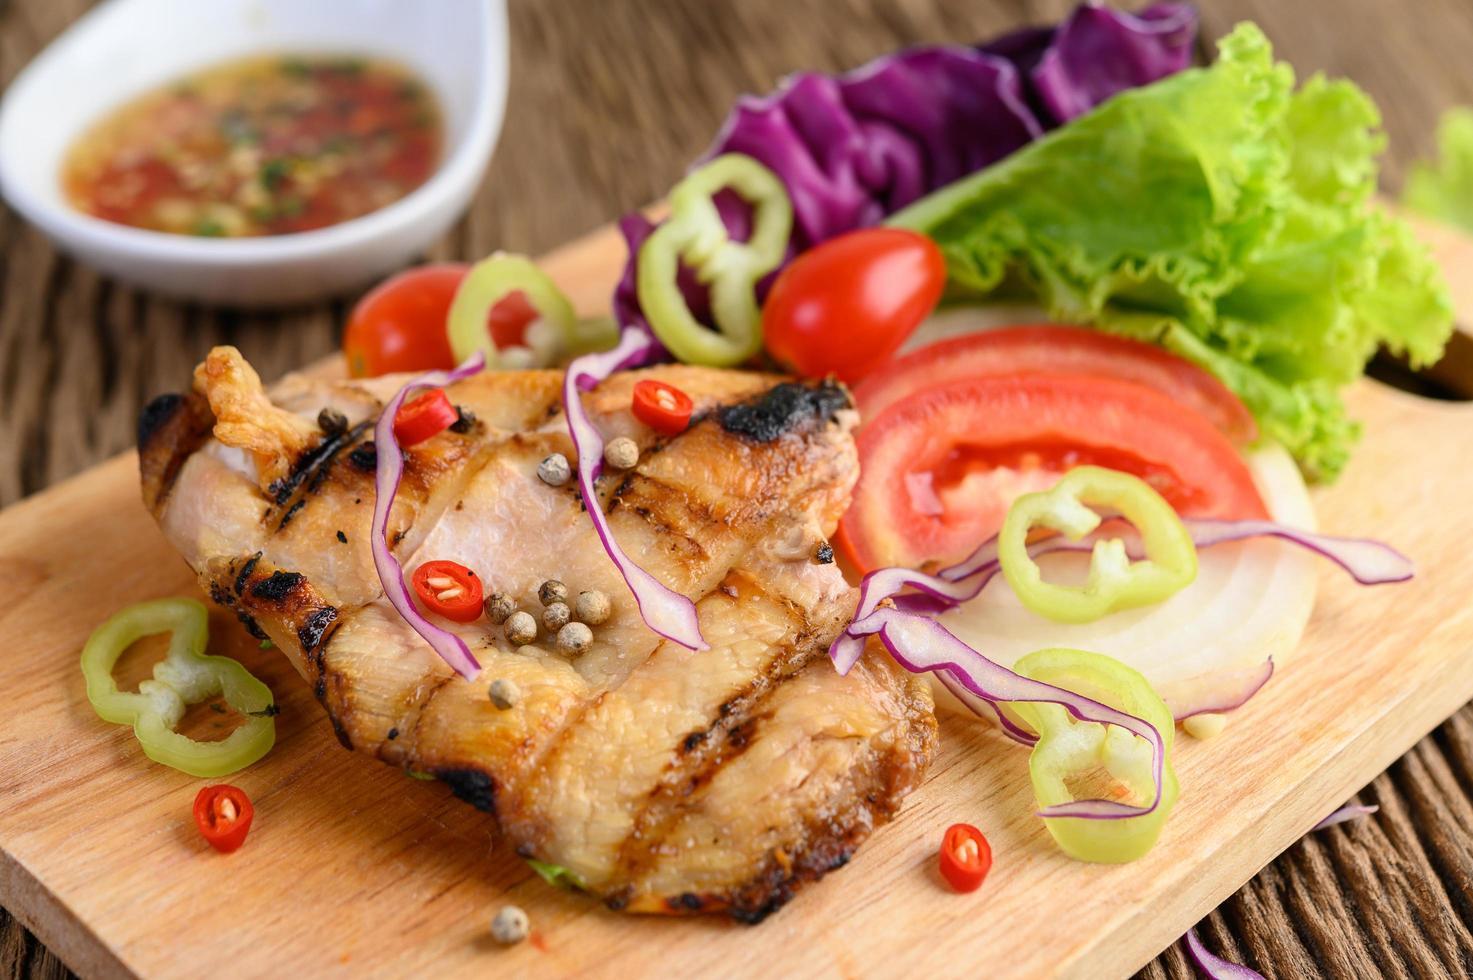 frango grelhado em uma tábua de madeira com salada foto